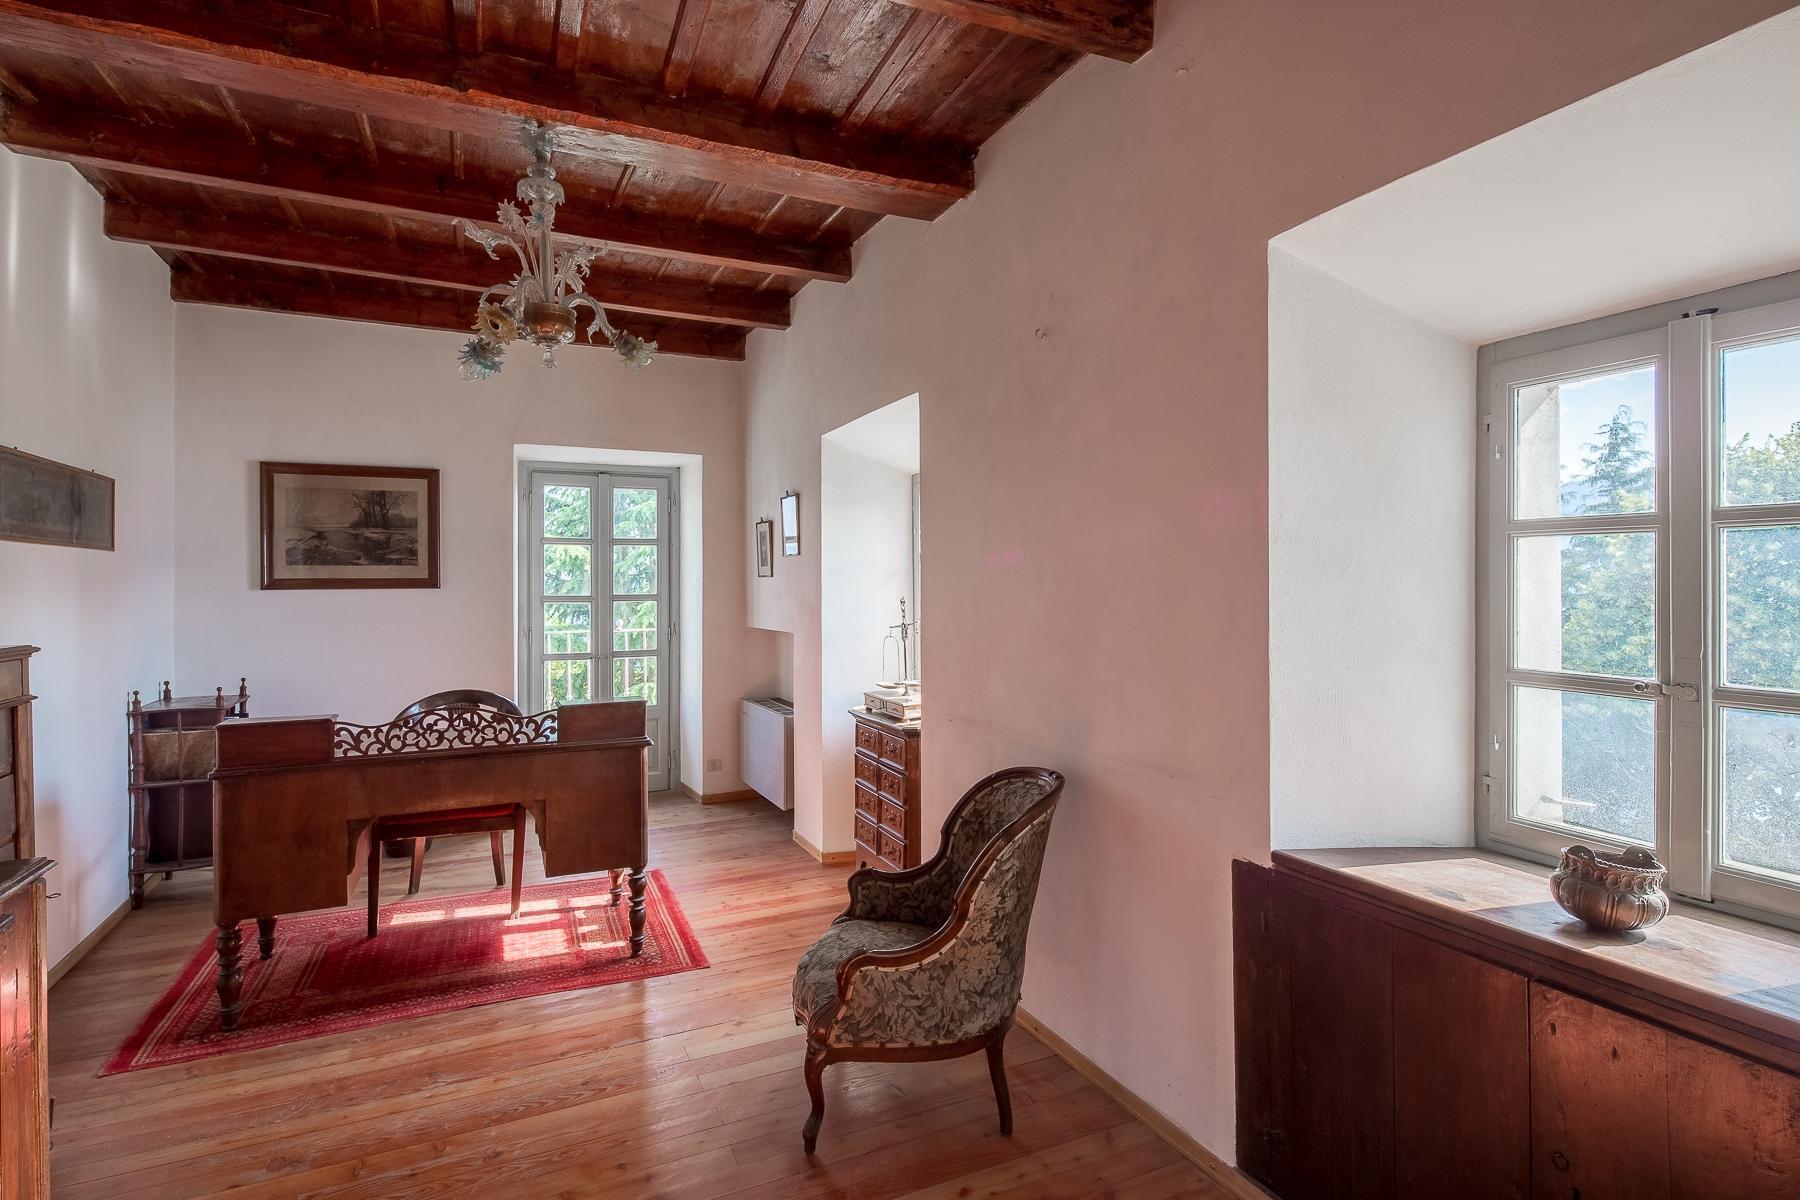 Бывший монастырь и вилла 19 века на Сакро-Монте - Орта Сан Джулио - 16